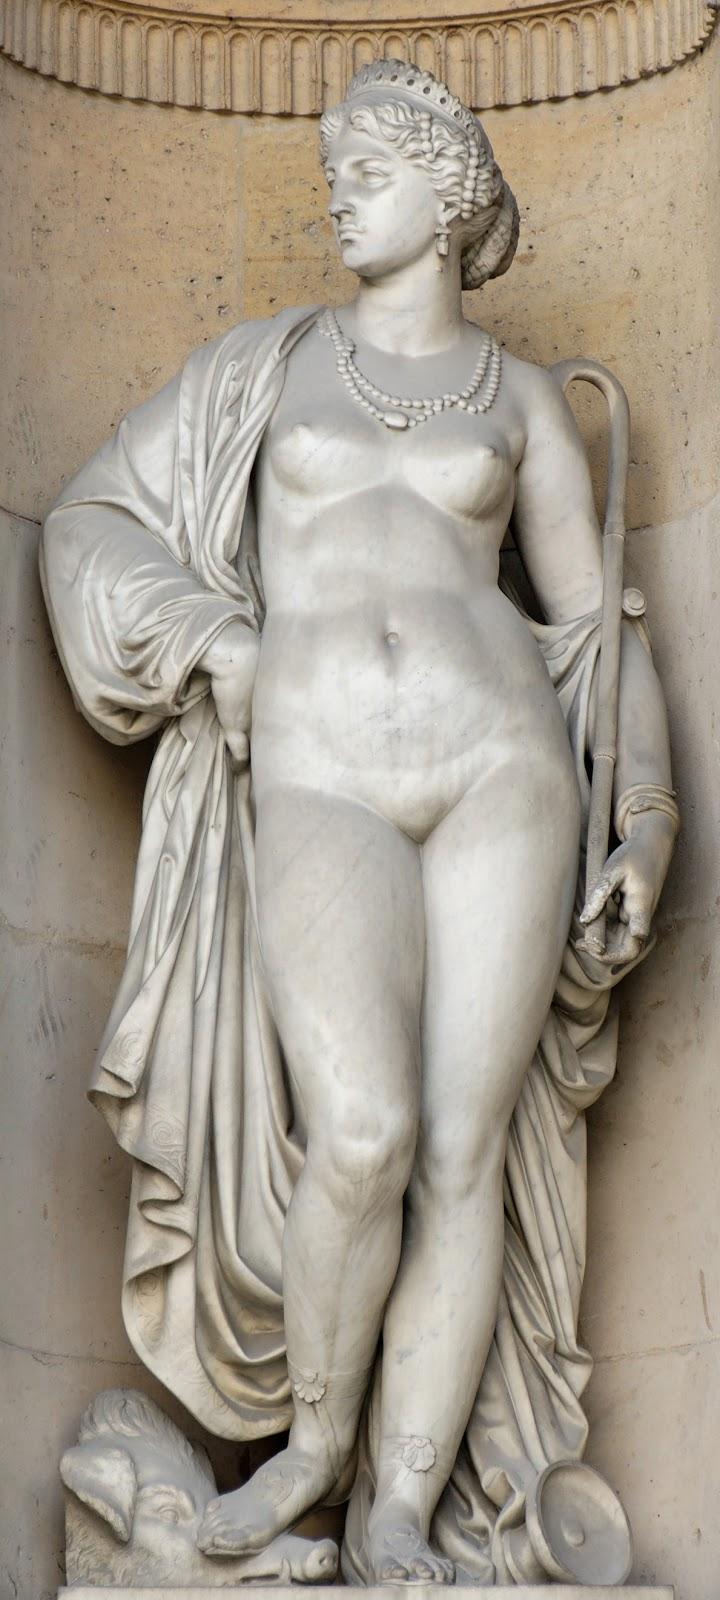 Penelope odysseus